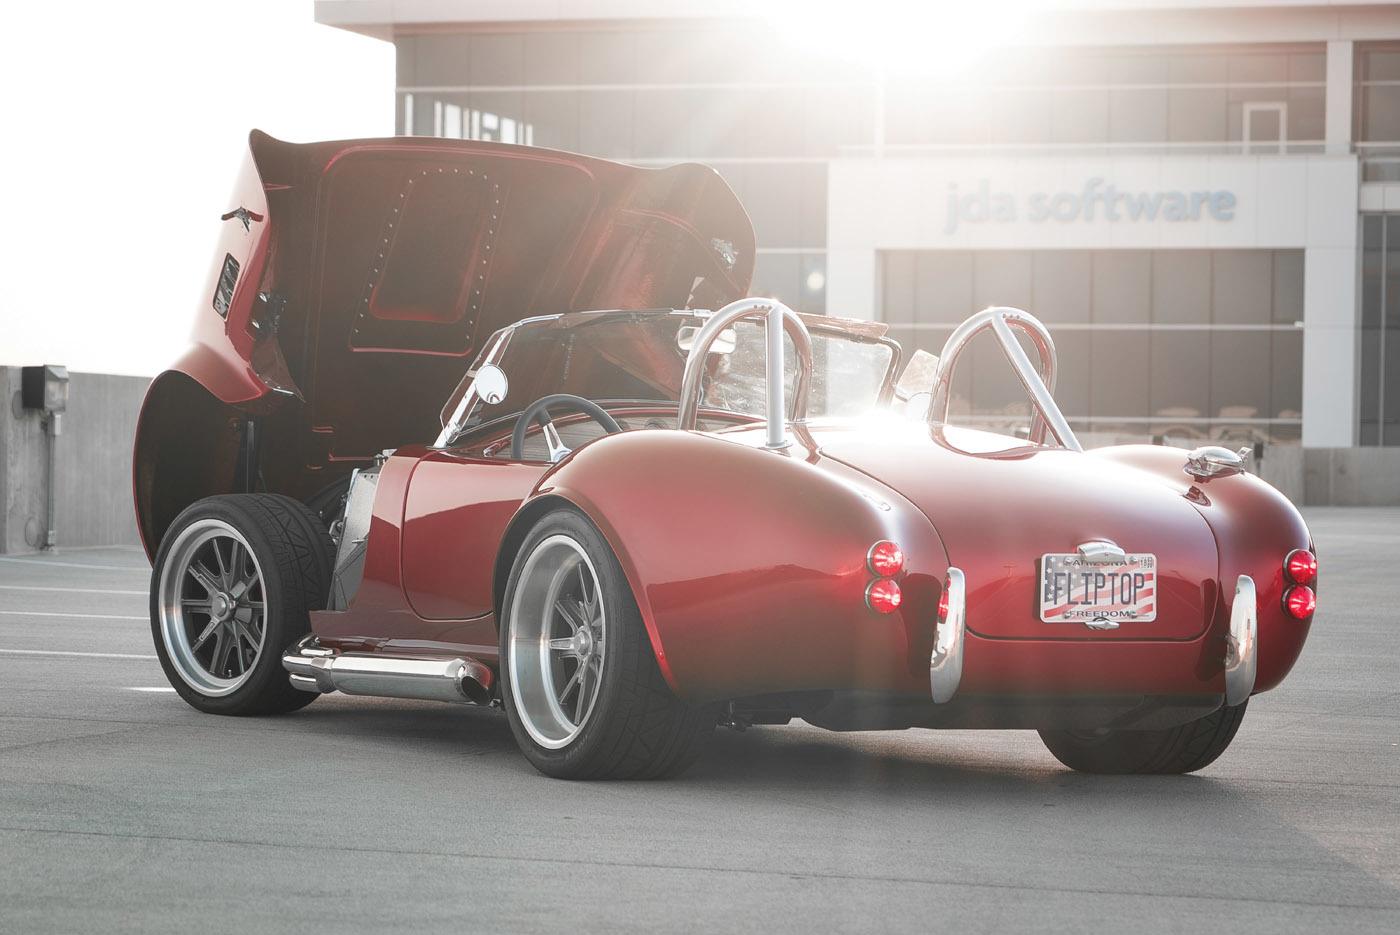 Fliptop Cobra B8